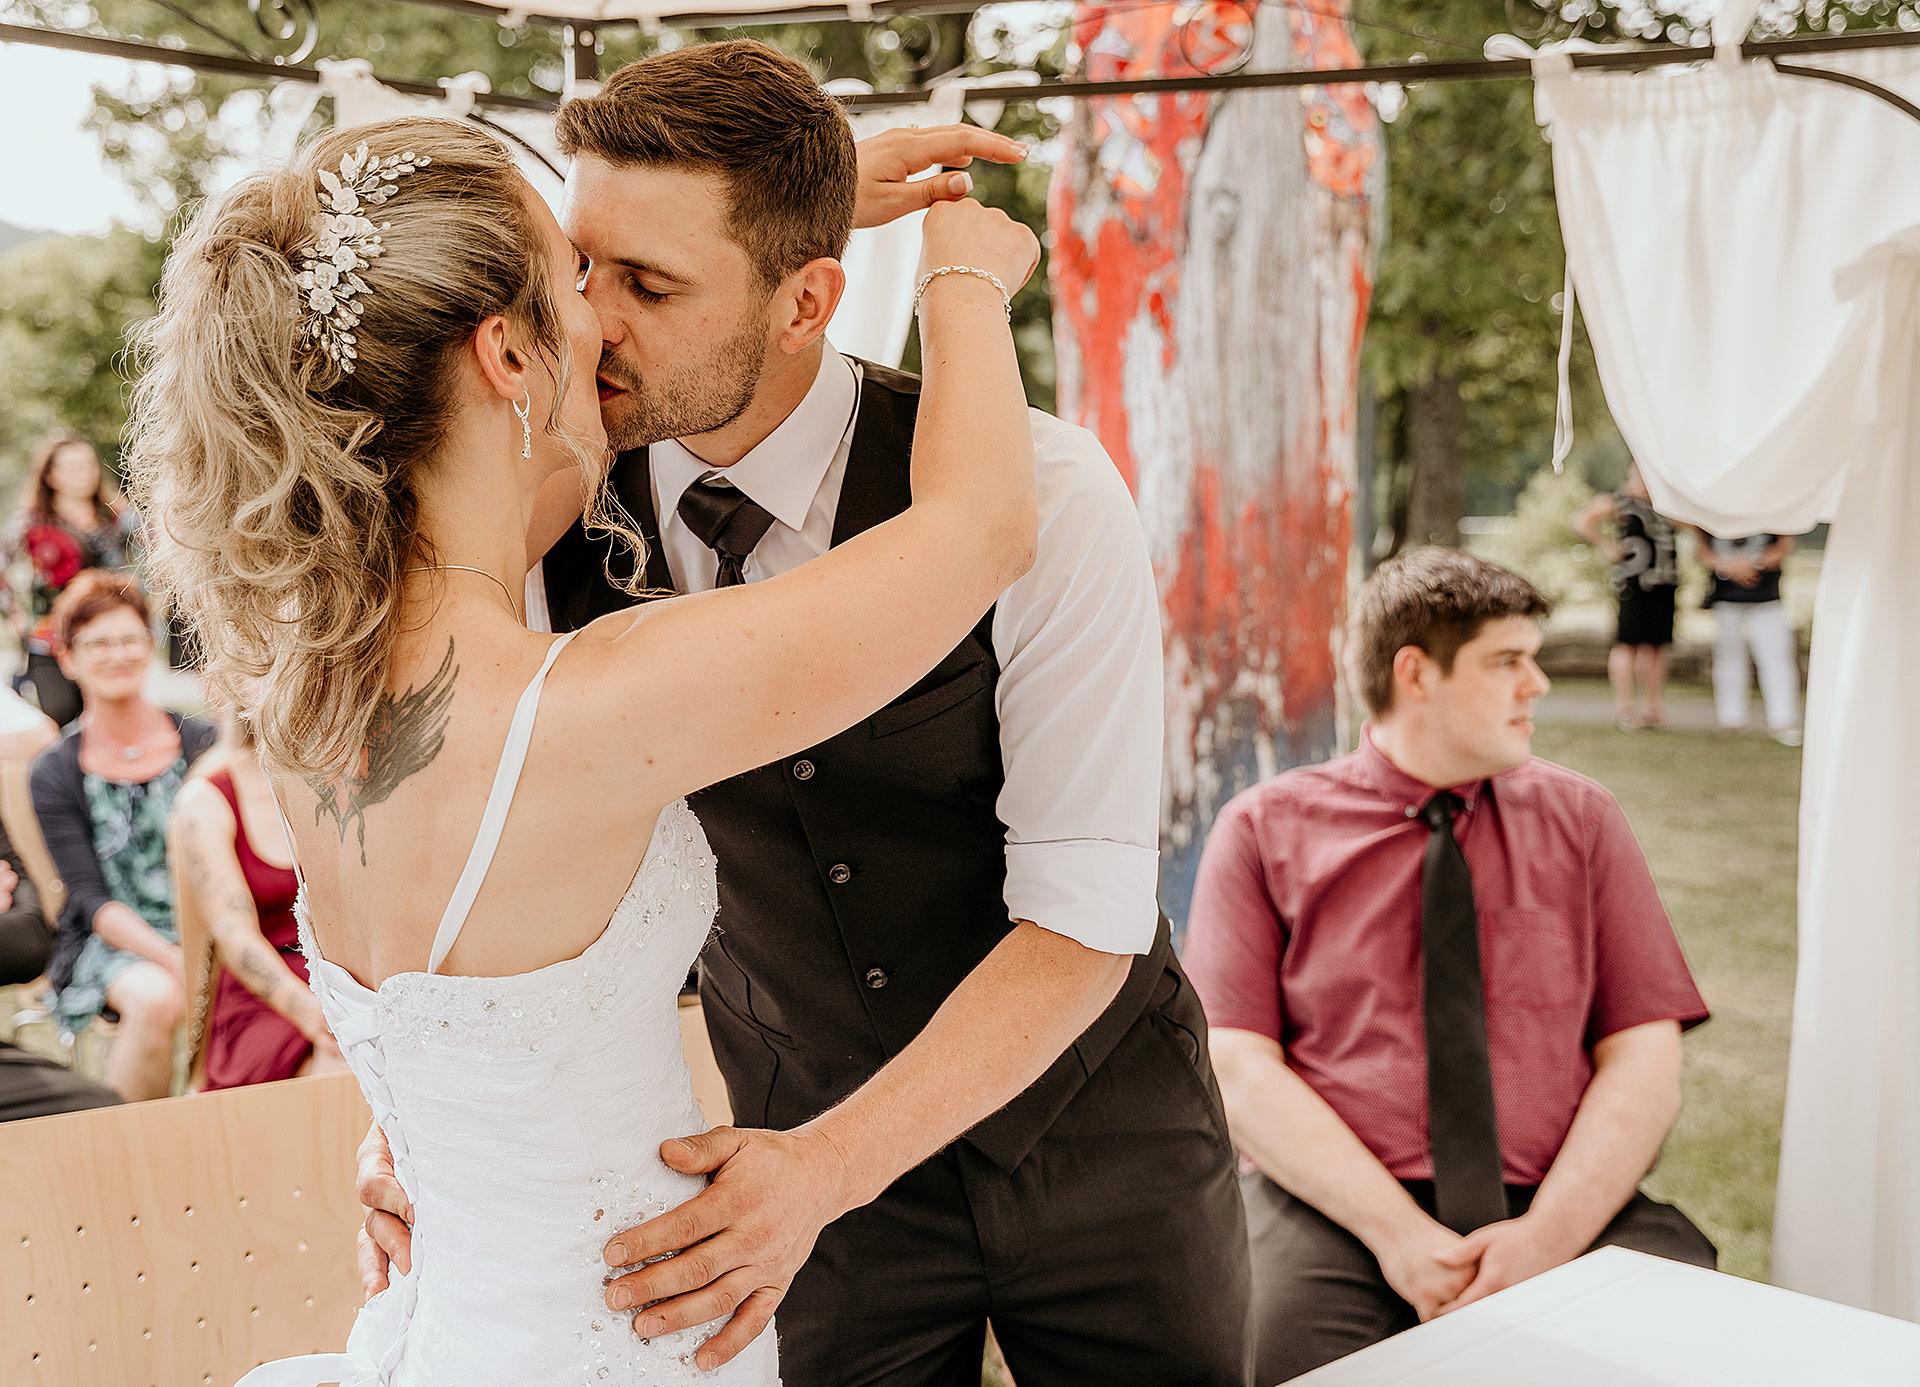 HochzeitsreportageHochzeitsfotografinJuliaJungbeckseibildschoen - Hochzeitsreportage